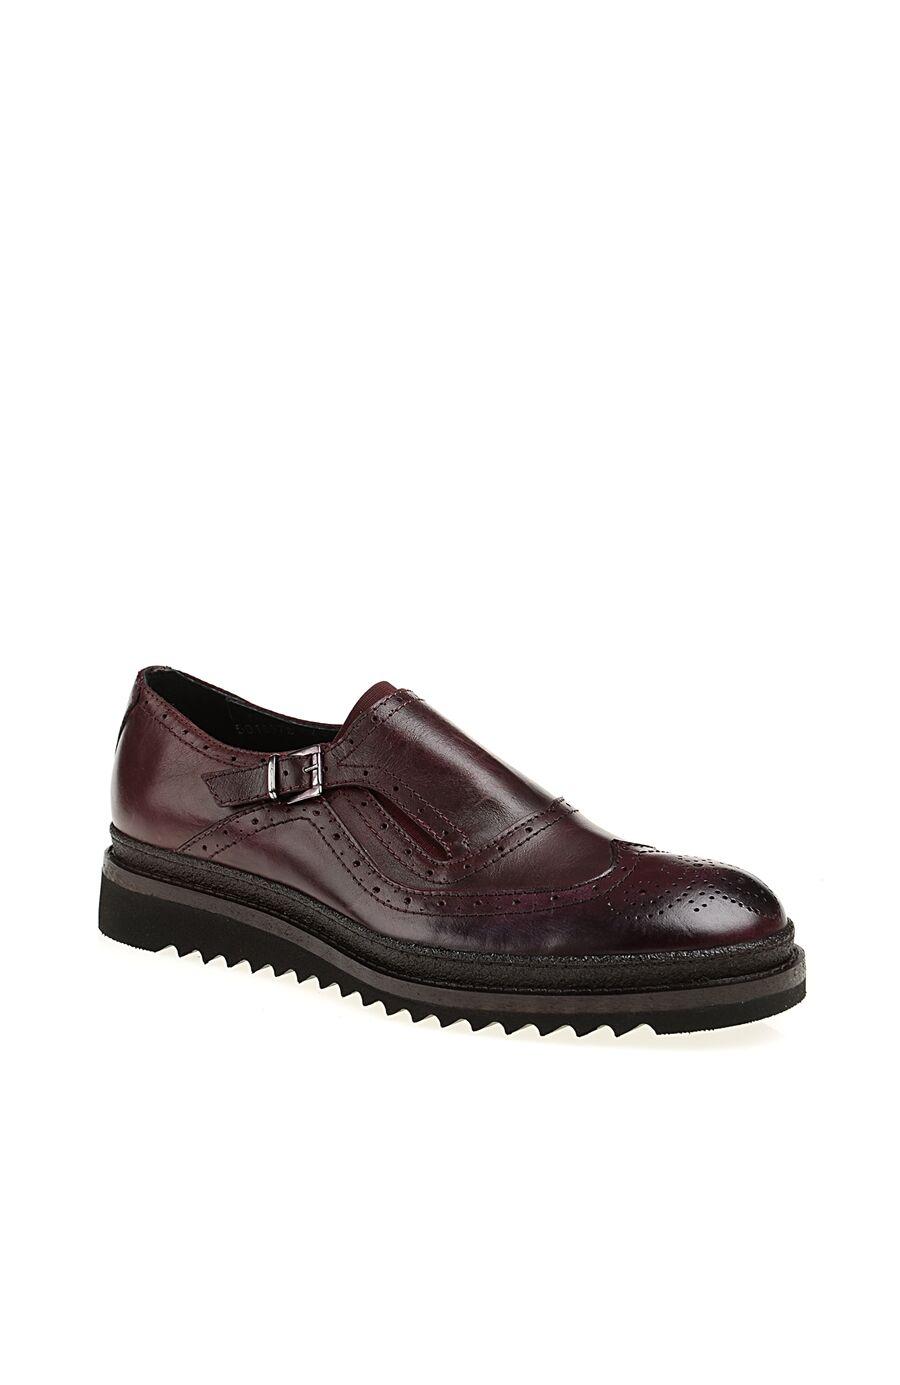 Zımba Desenli Tokalı Bordo Deri Ayakkabı